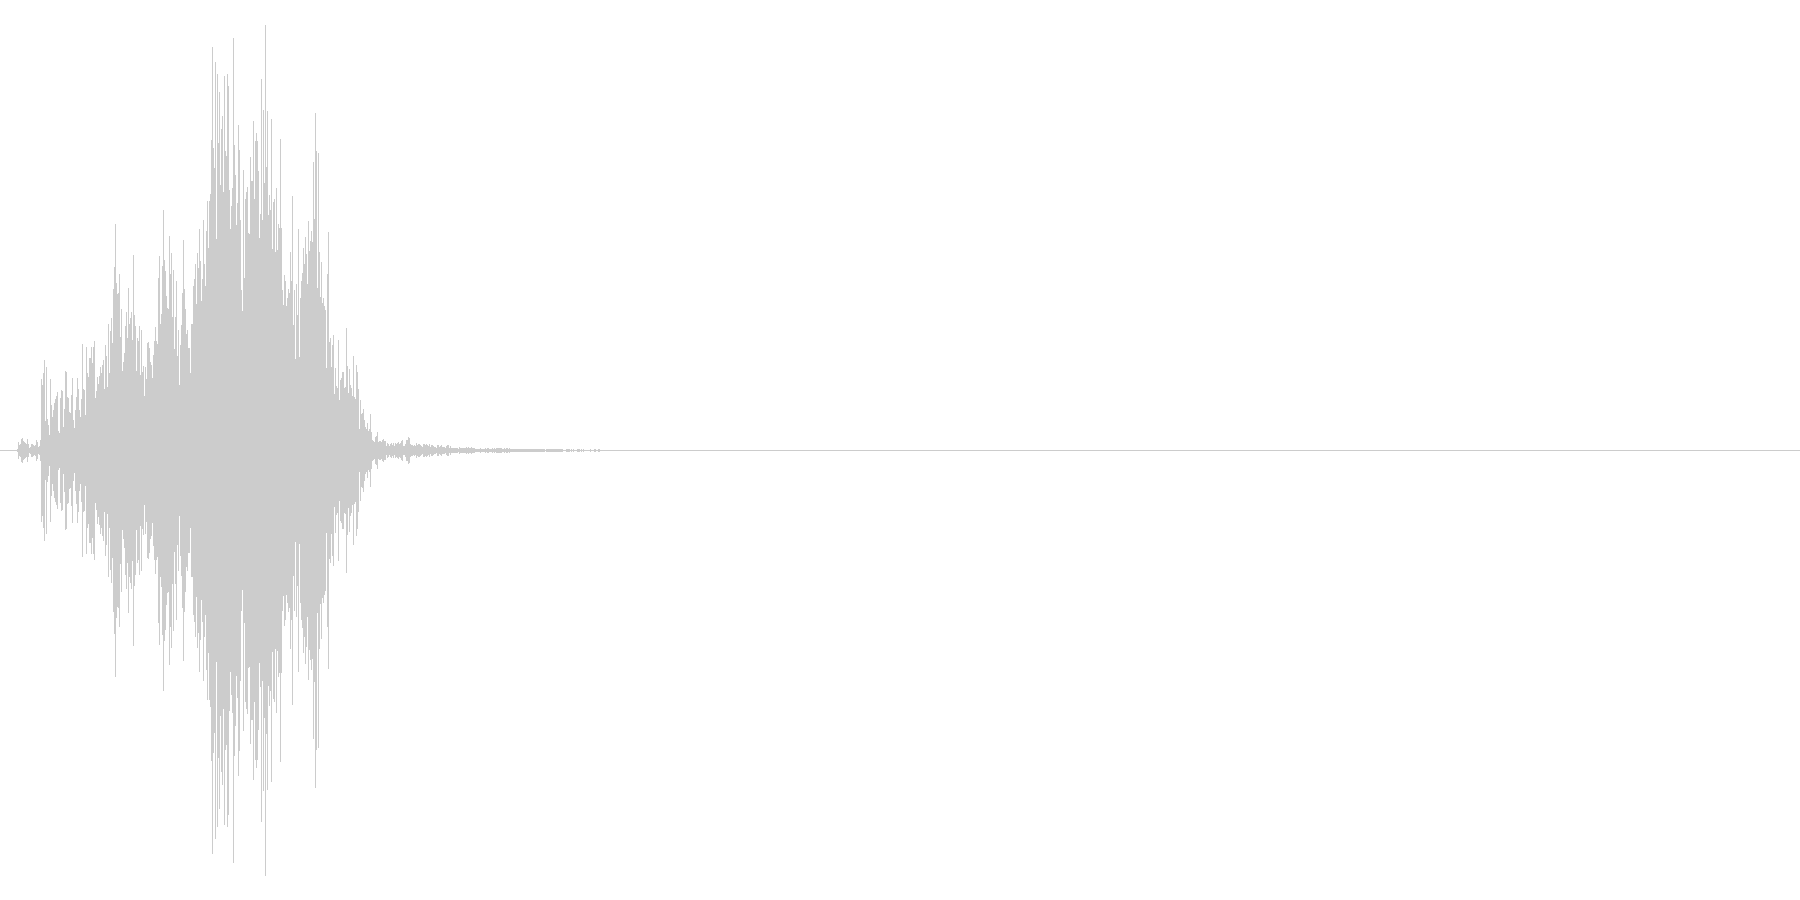 ジッパー、ファスナーを閉じる音2-4の未再生の波形